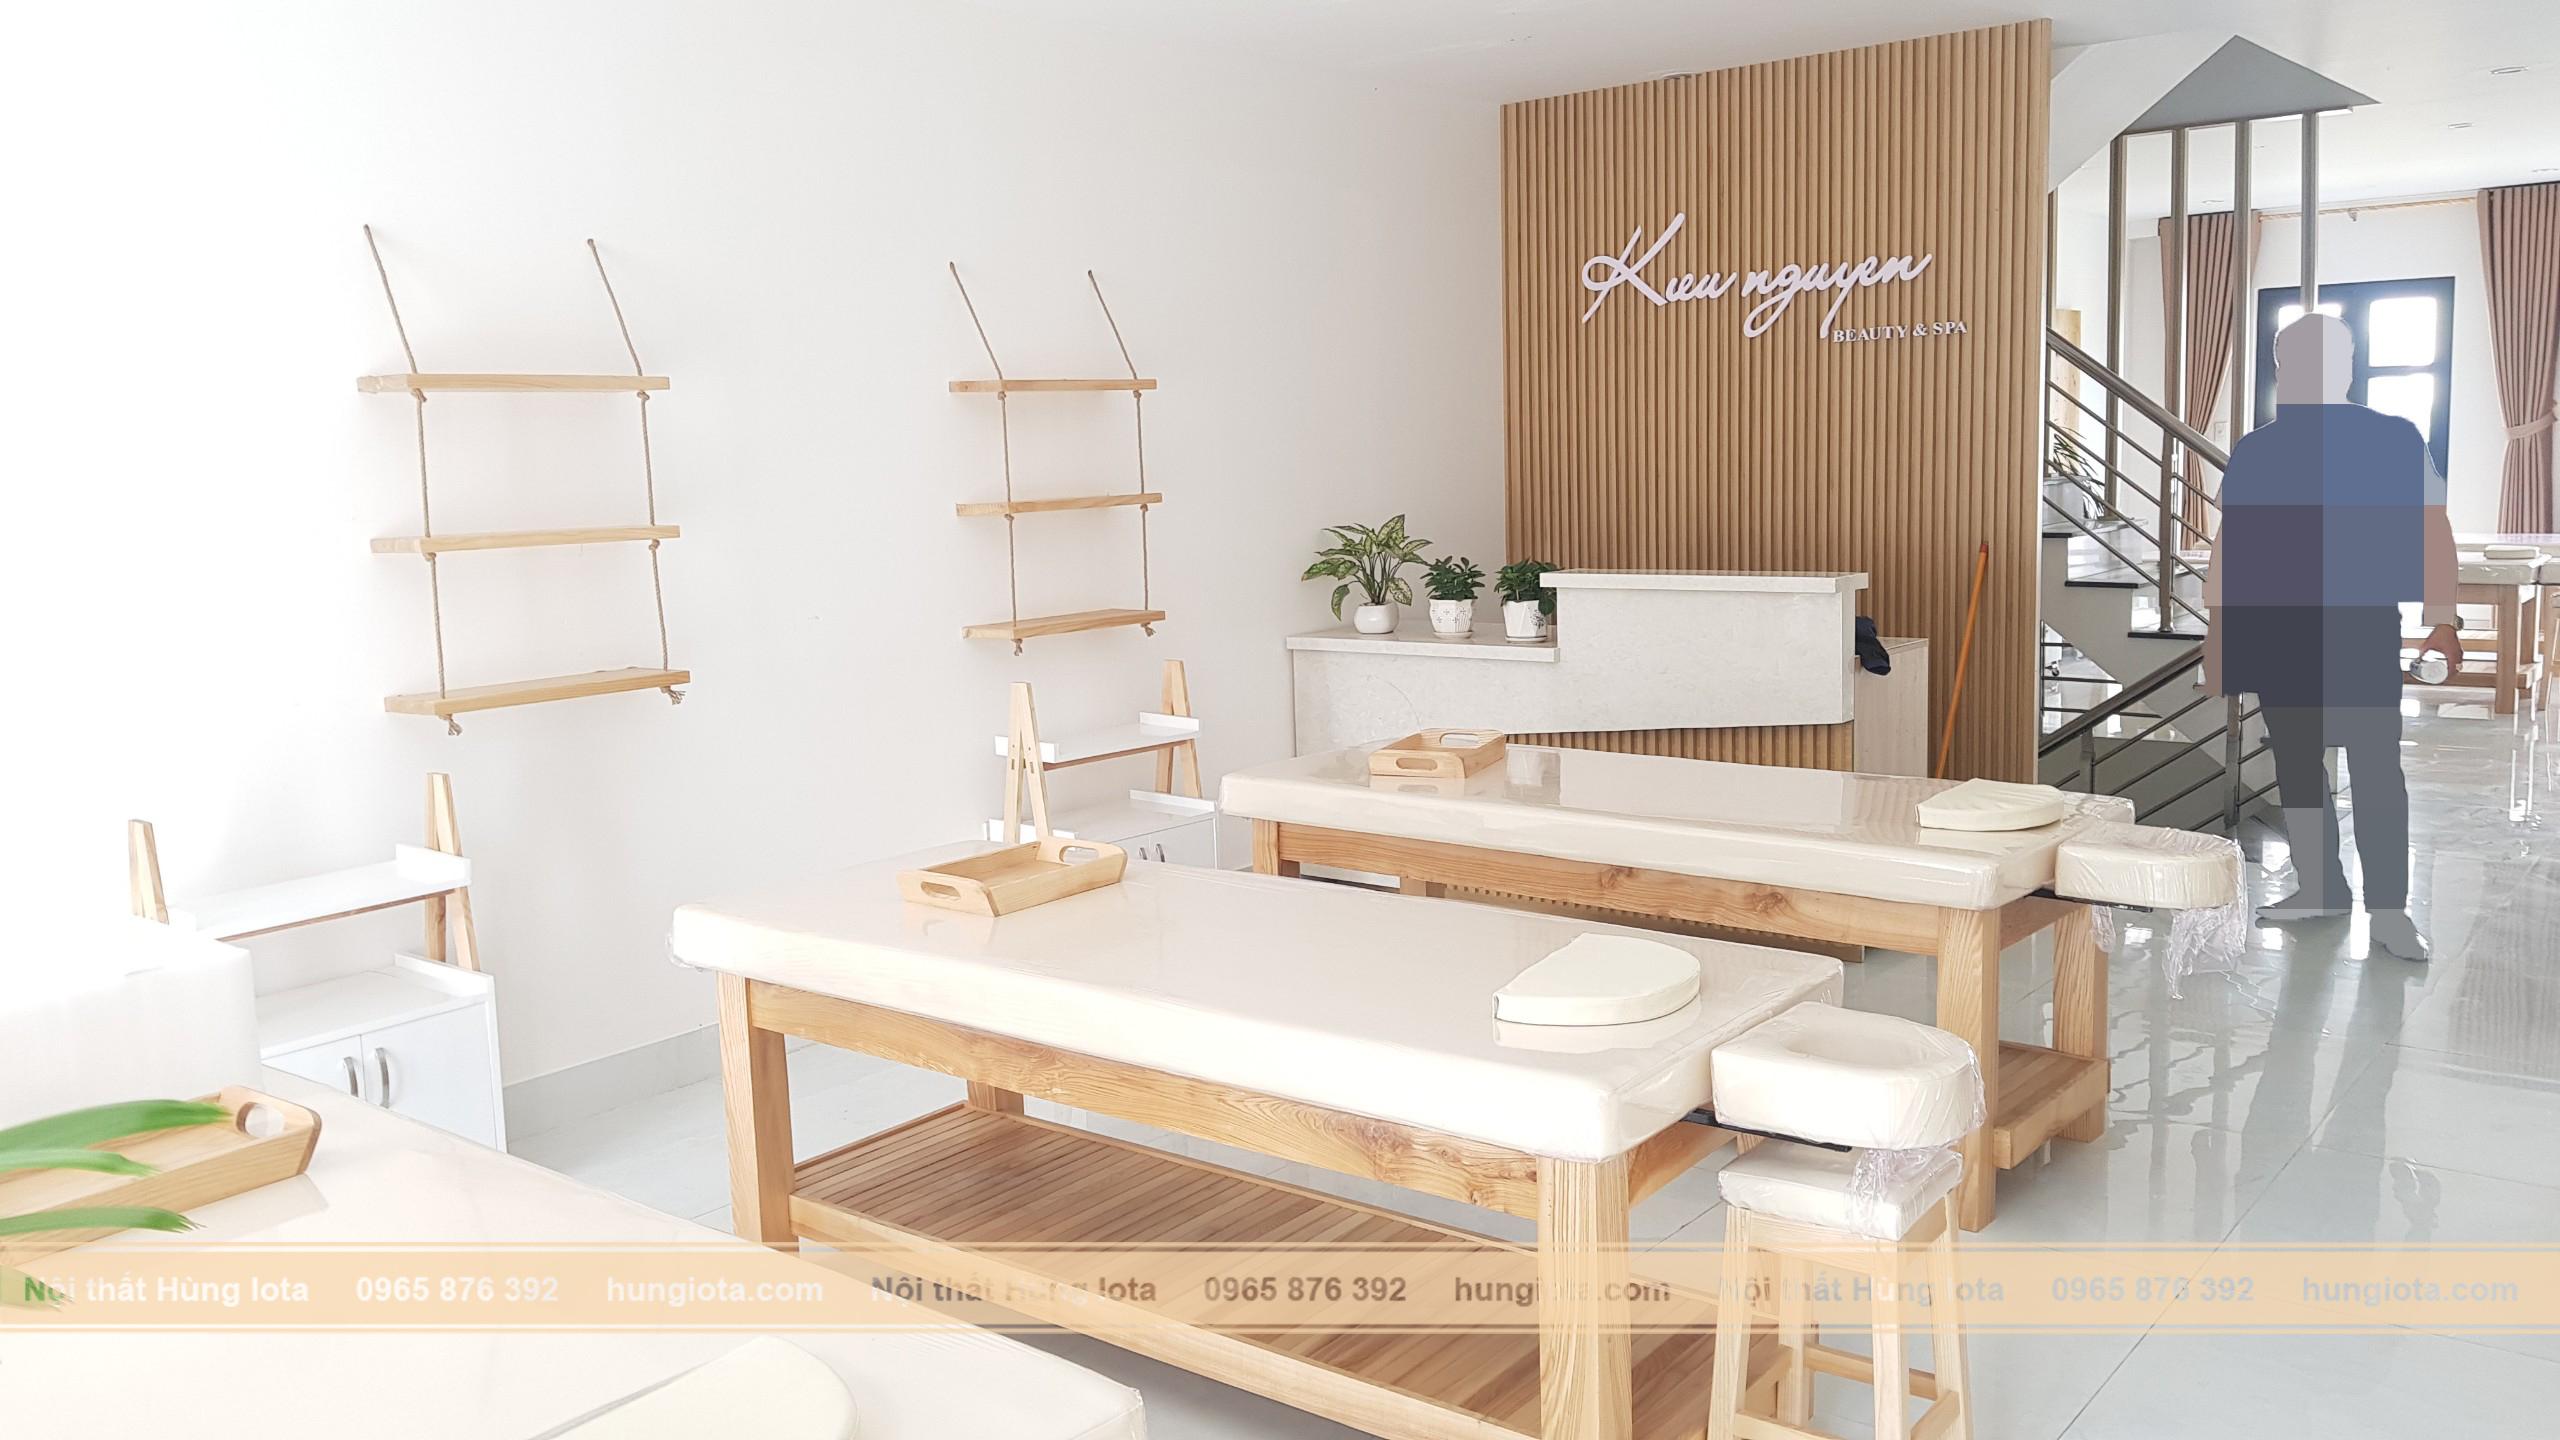 Nội thất spa decor cho Kiều Nguyễn Beauty & Spa ở Vincom Đồng Hới, Quảng Bình